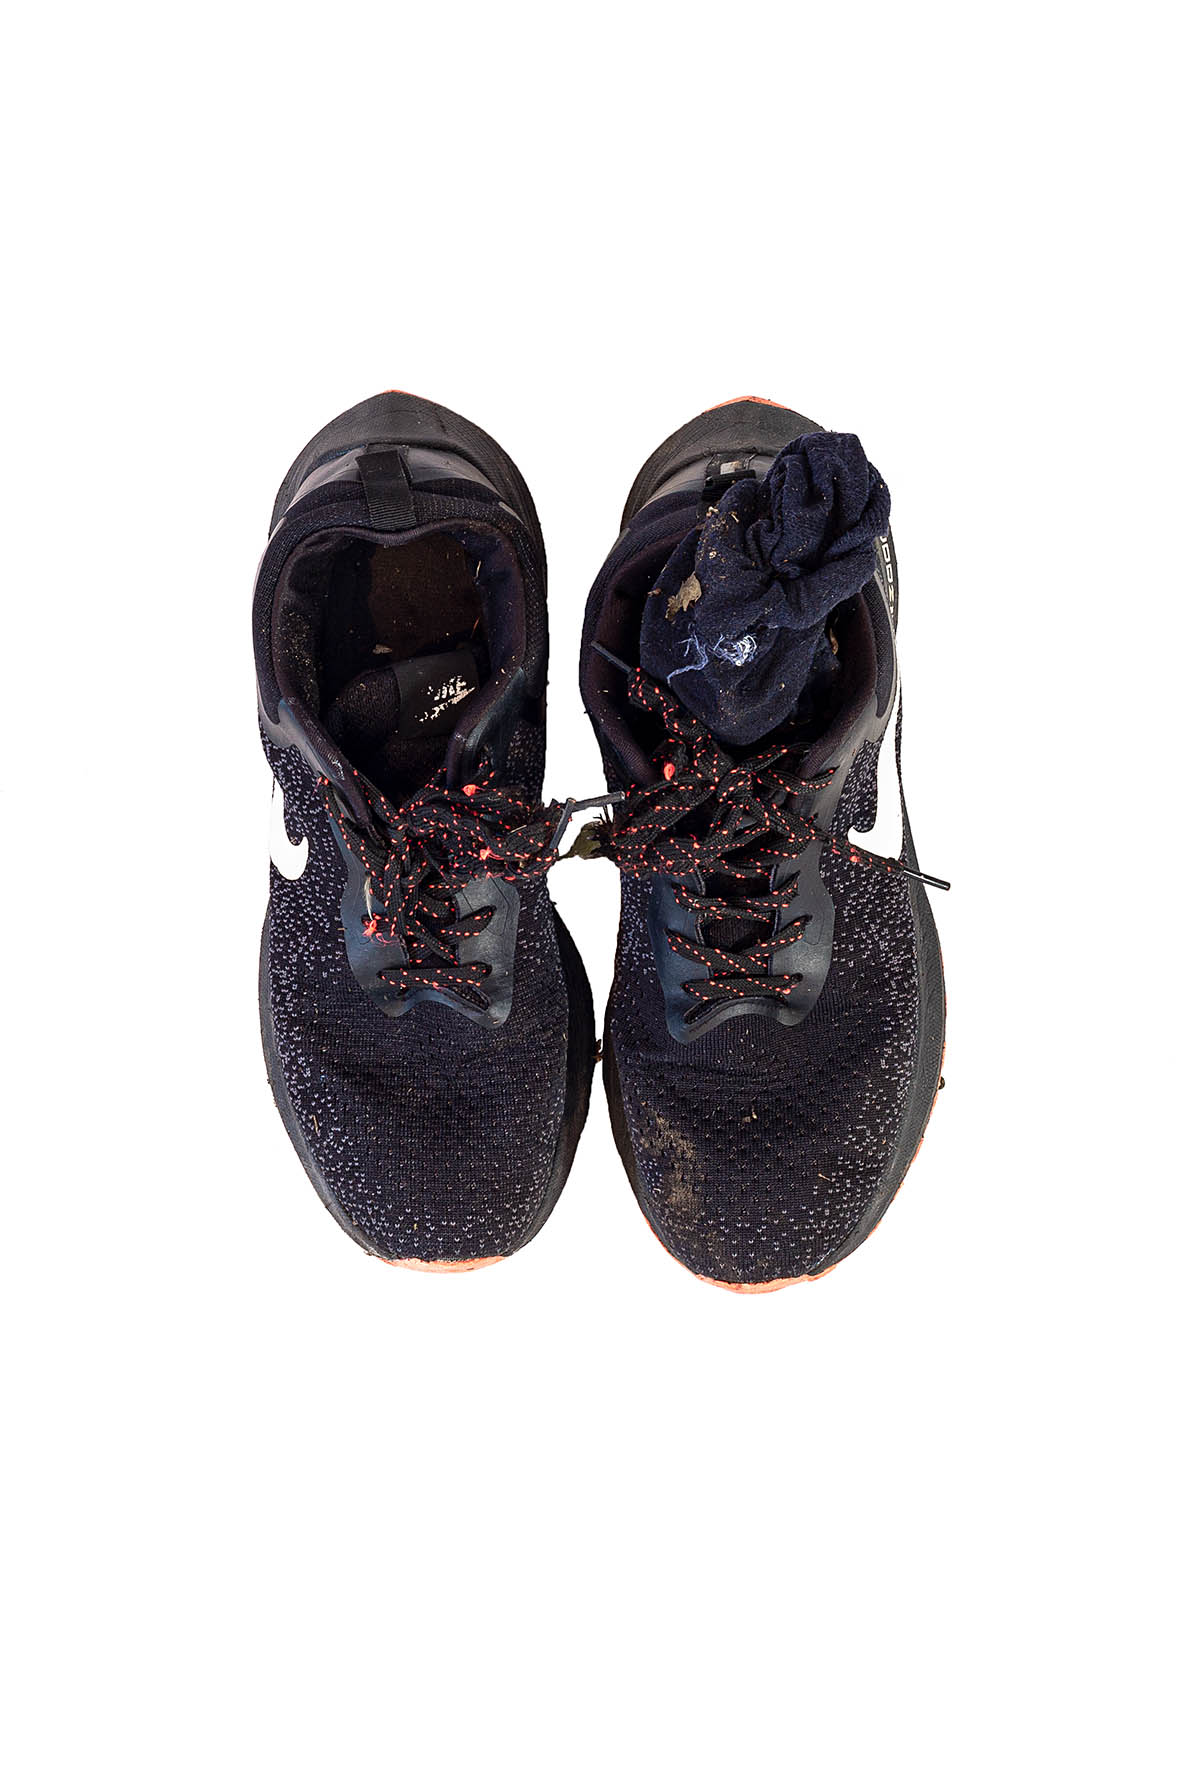 Scarpe Nike Tg.45 by Armashir    BUY IT